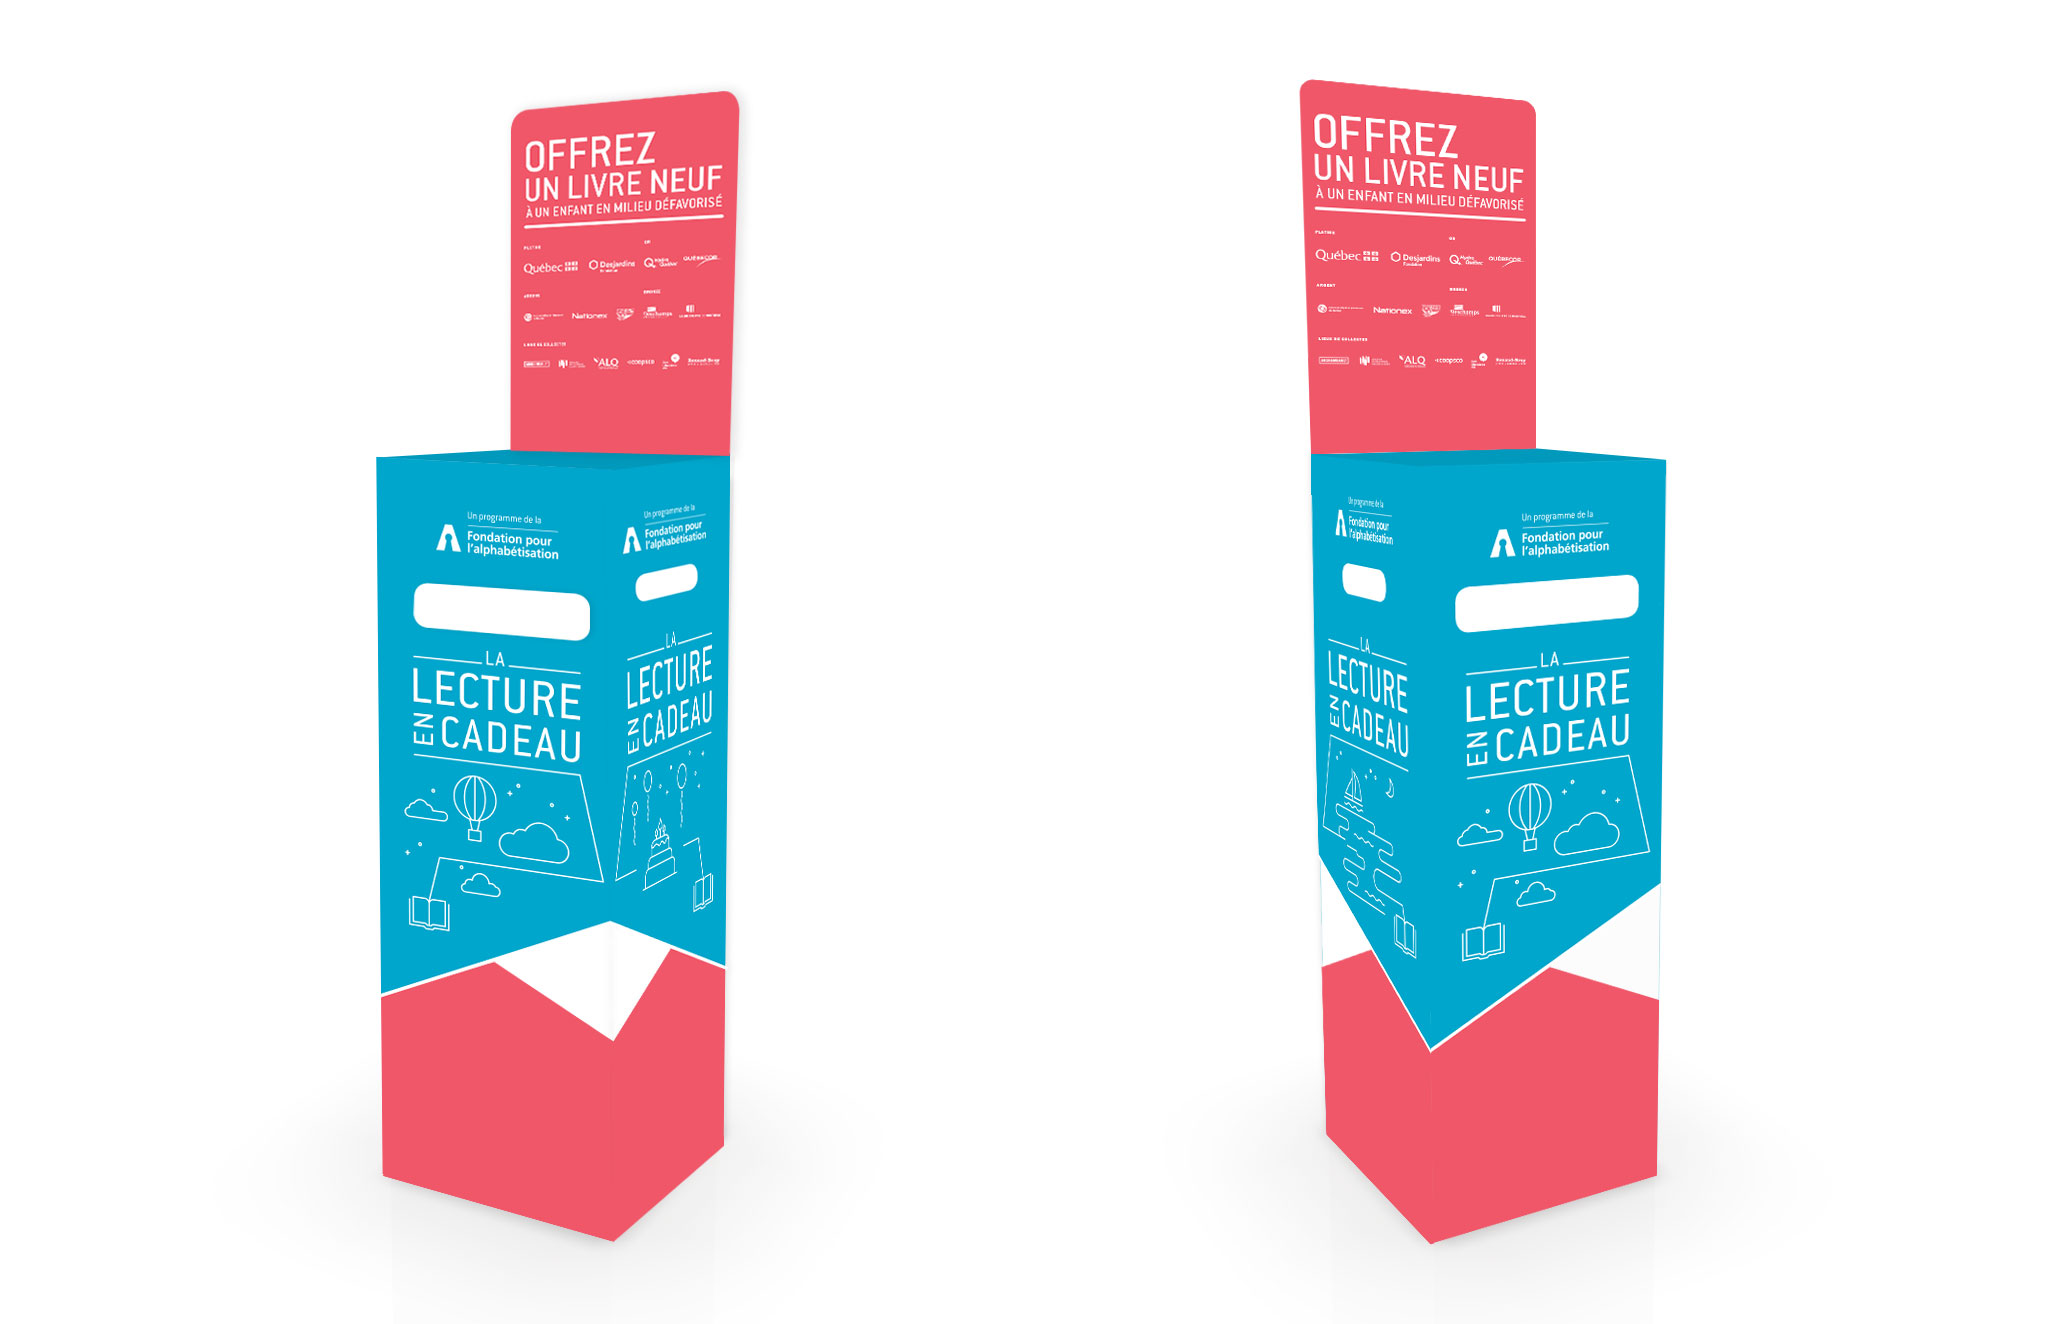 Campagne La lecture en cadeau 20 ans, Fondation pour l'alphabétisation.